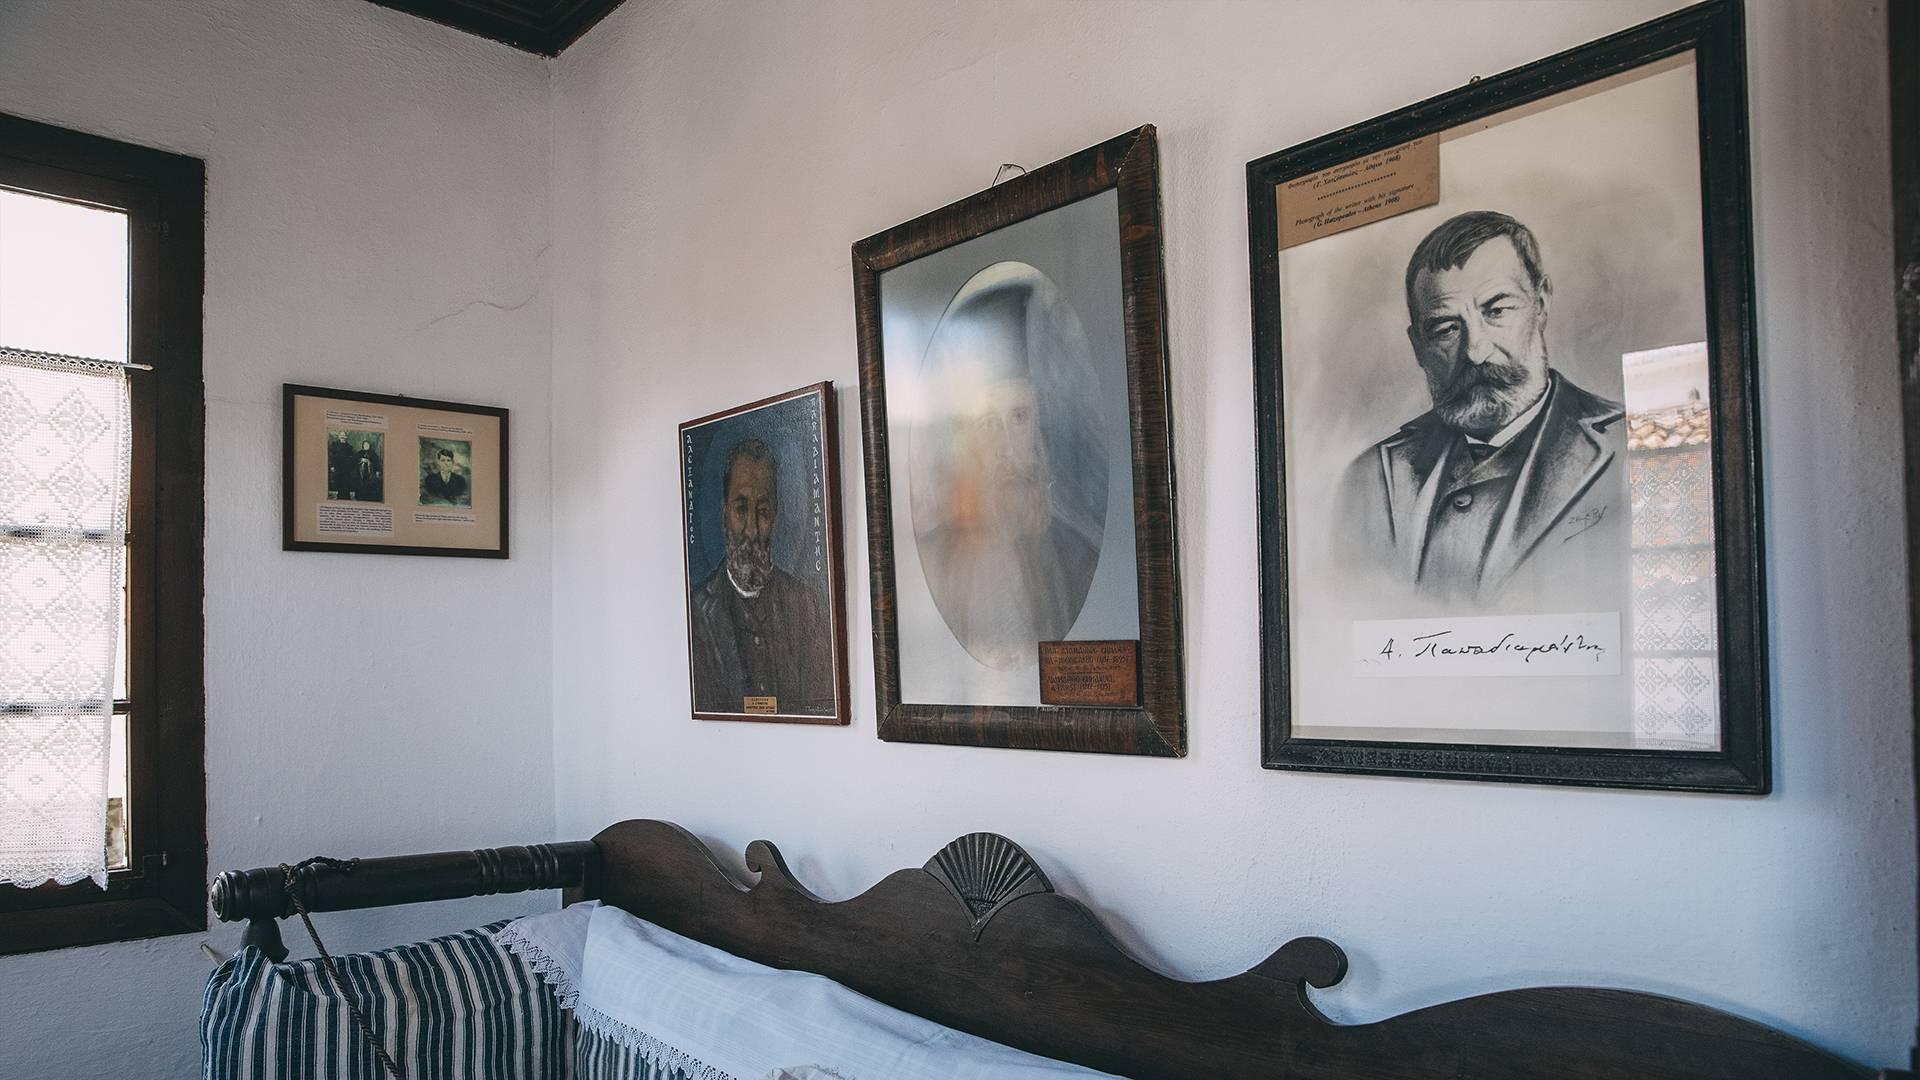 Alexandros Papadiamantis House-Museum